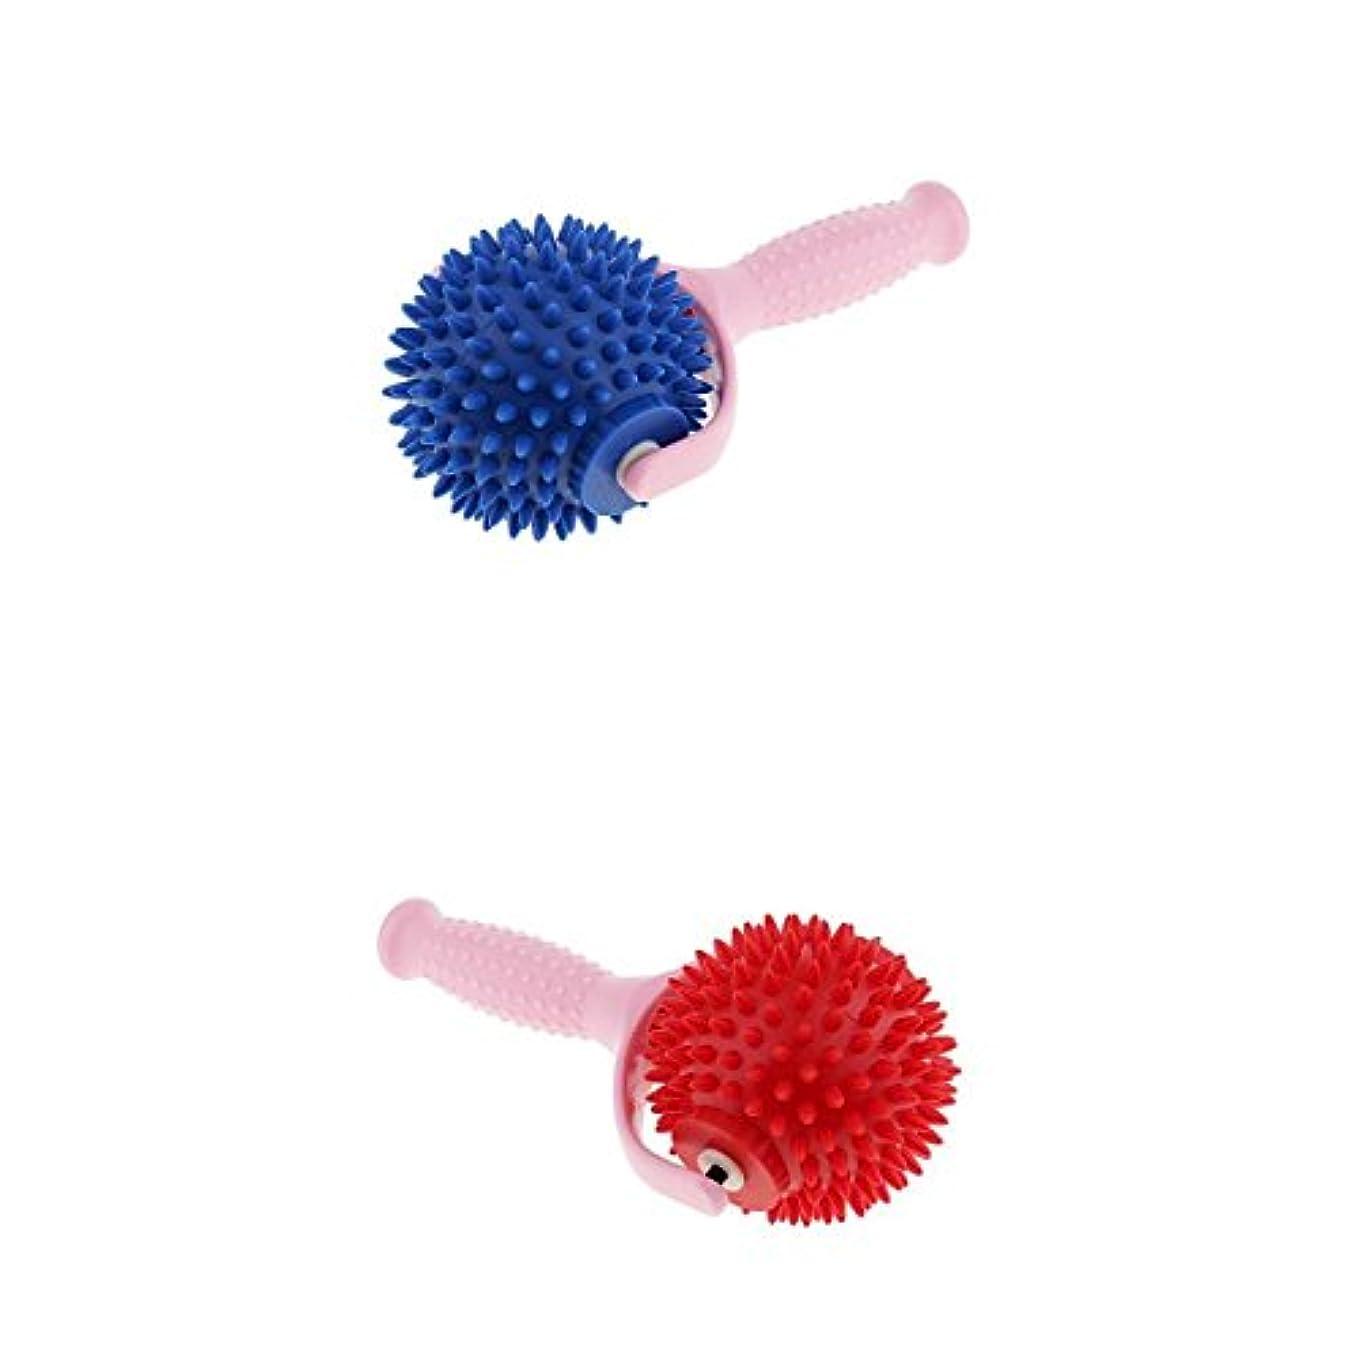 費用天のプラスKesoto マッサージボール 手持ち 2個 鍼療法 伝統的 筋膜リリース 疲労回復 ヘルスケア お買い得